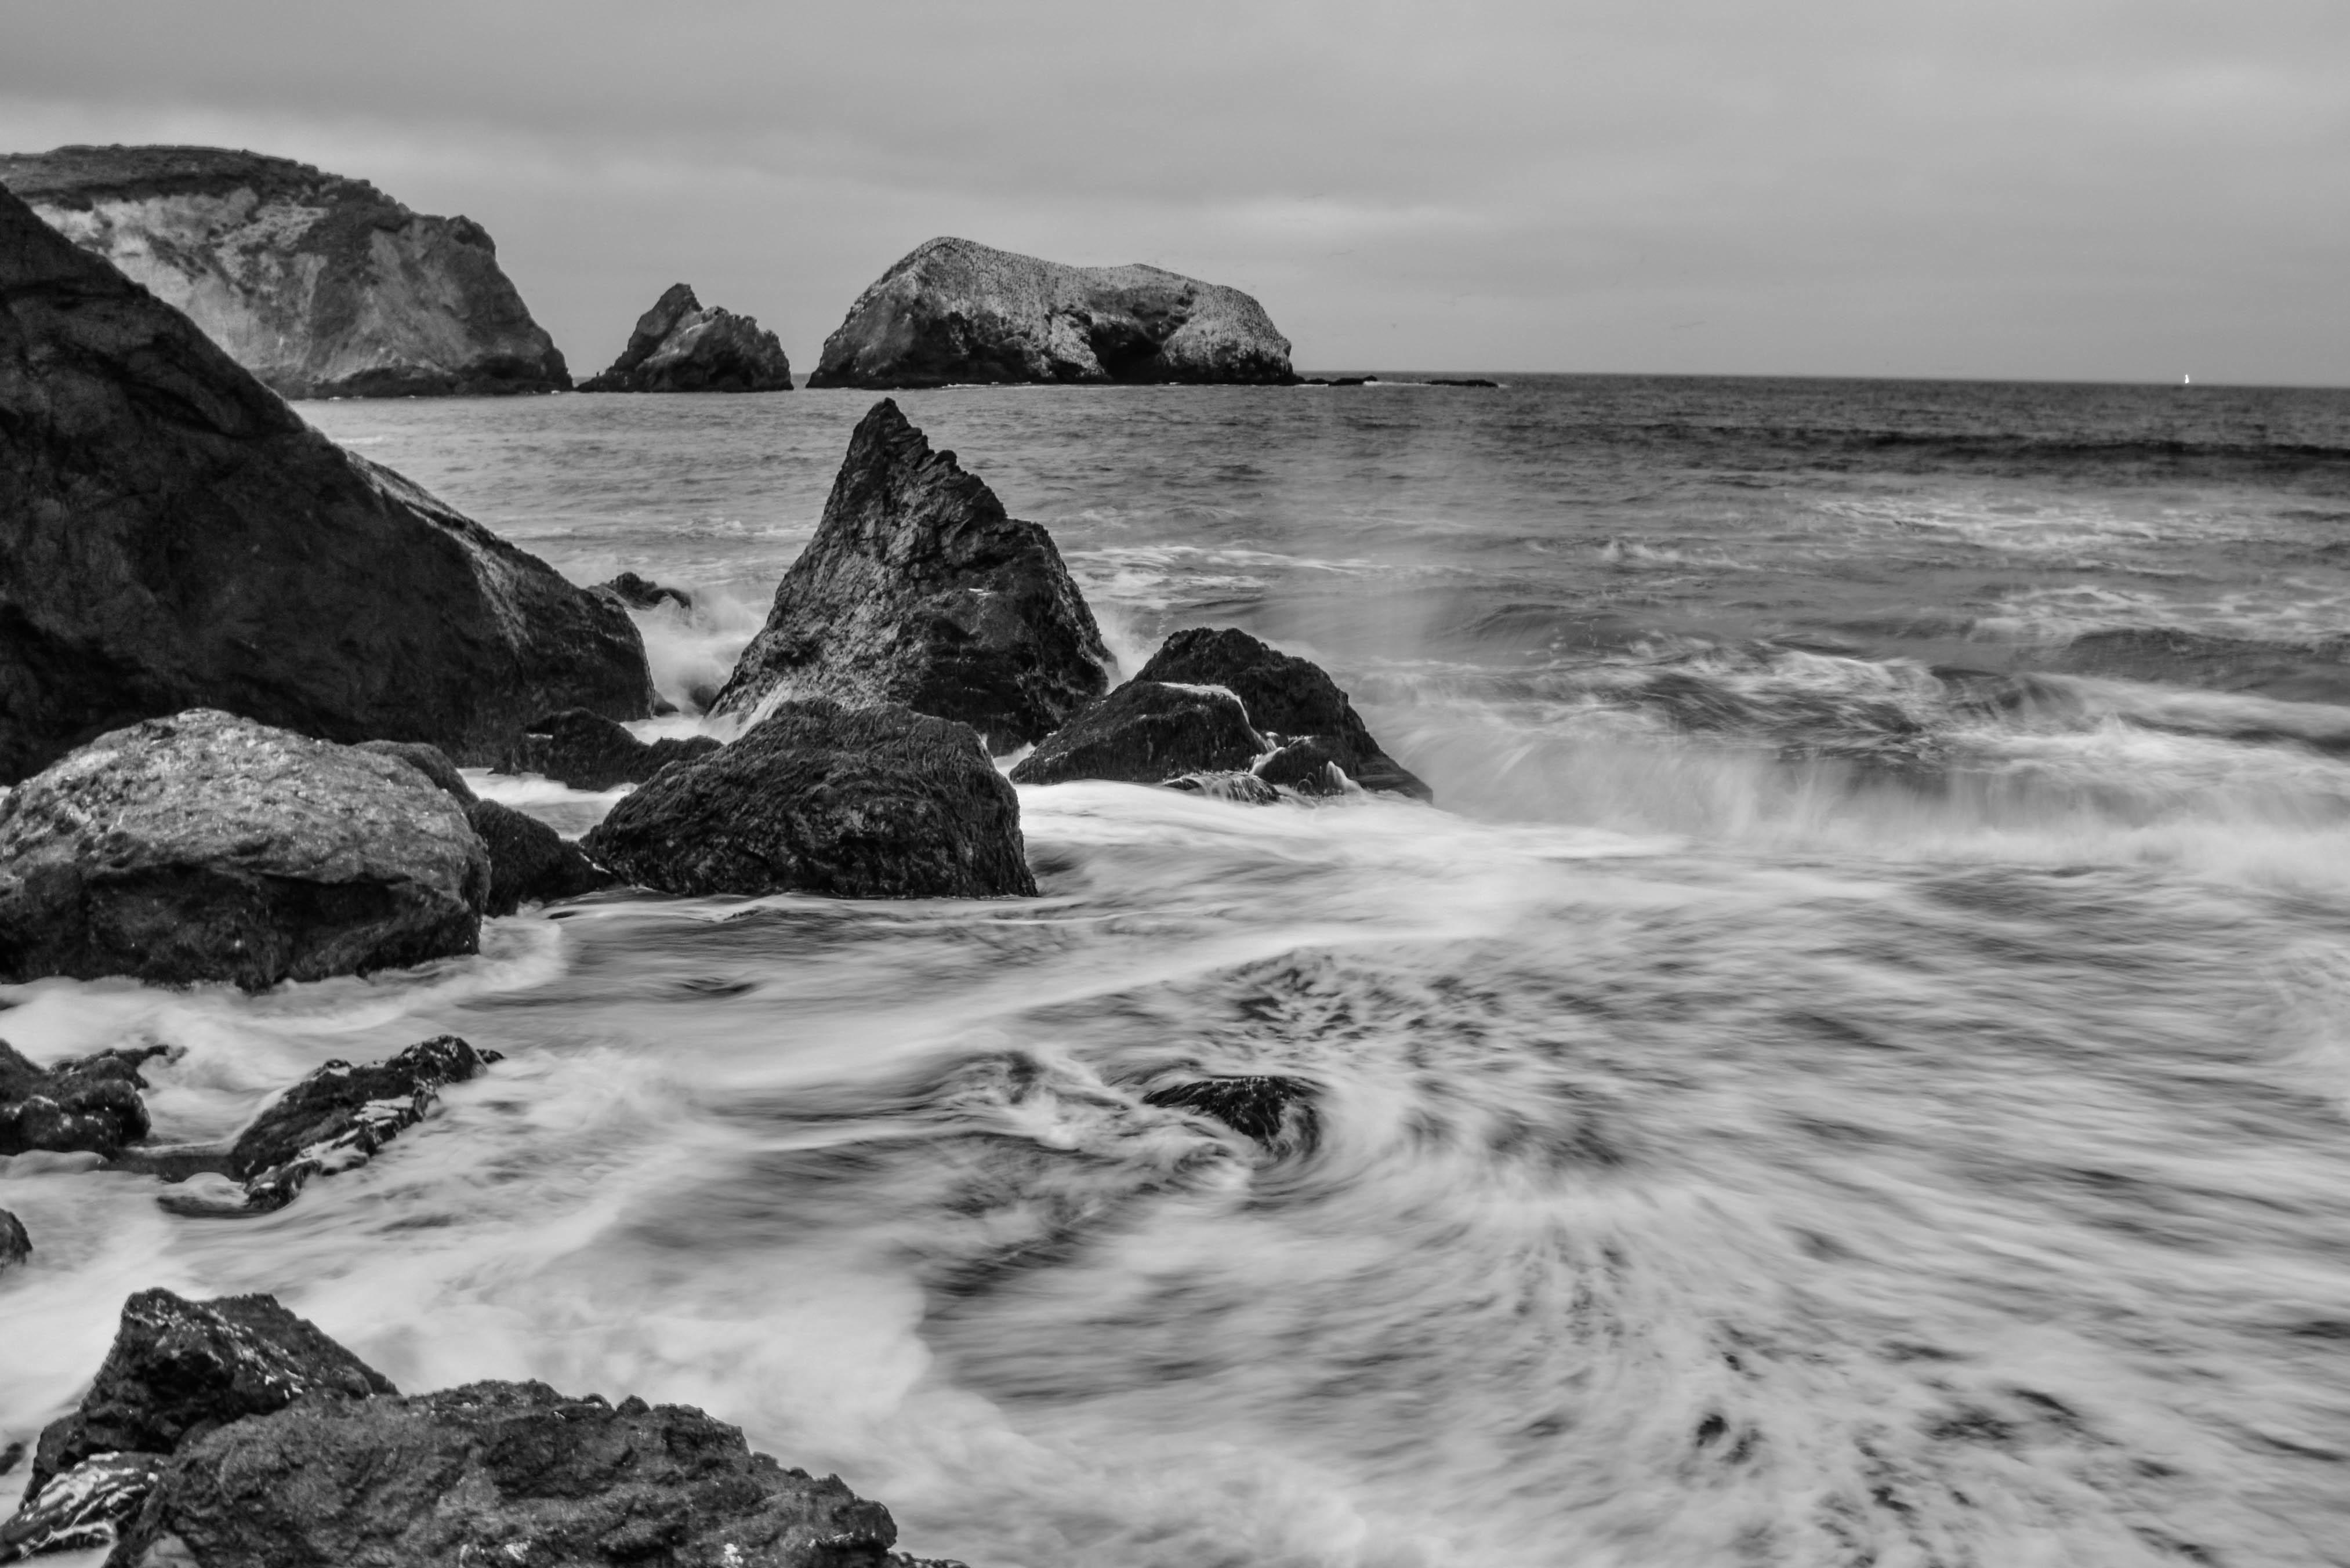 6800 Gambar Hitam Putih Pemandangan Pantai HD Terbaru